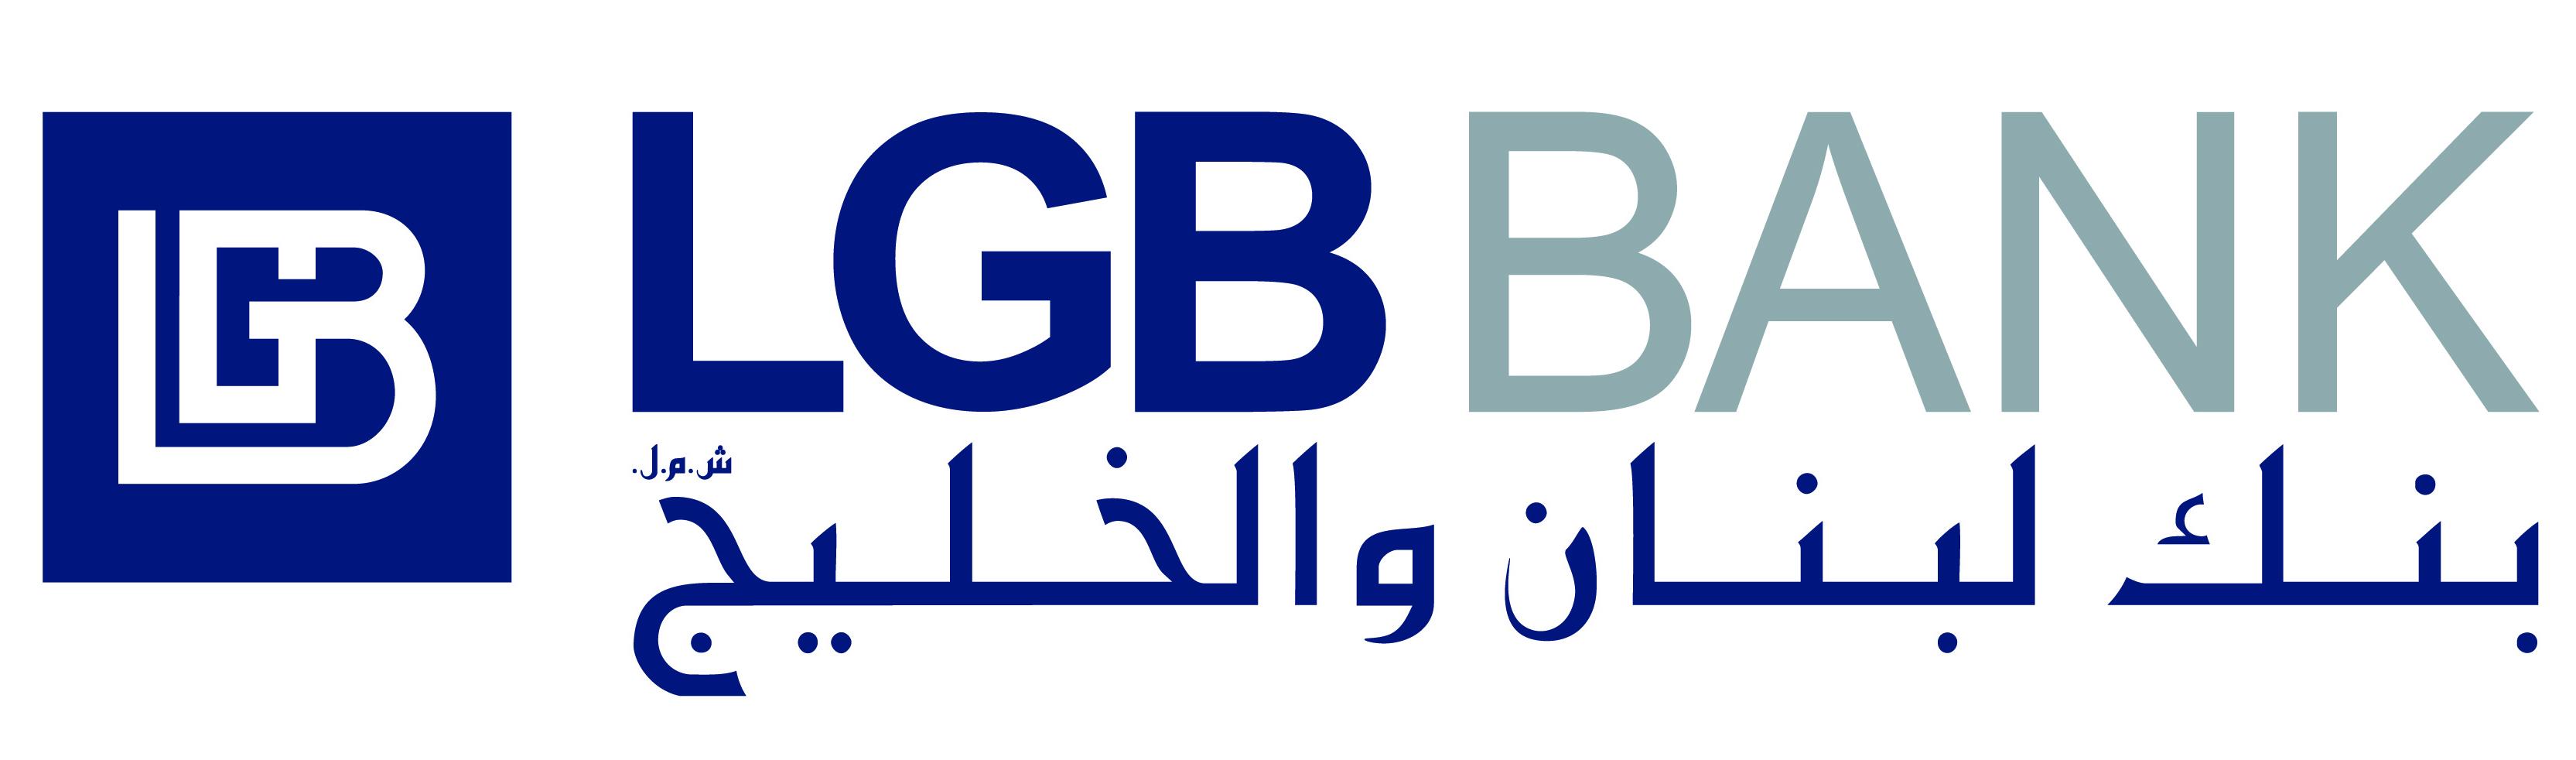 logo E & A